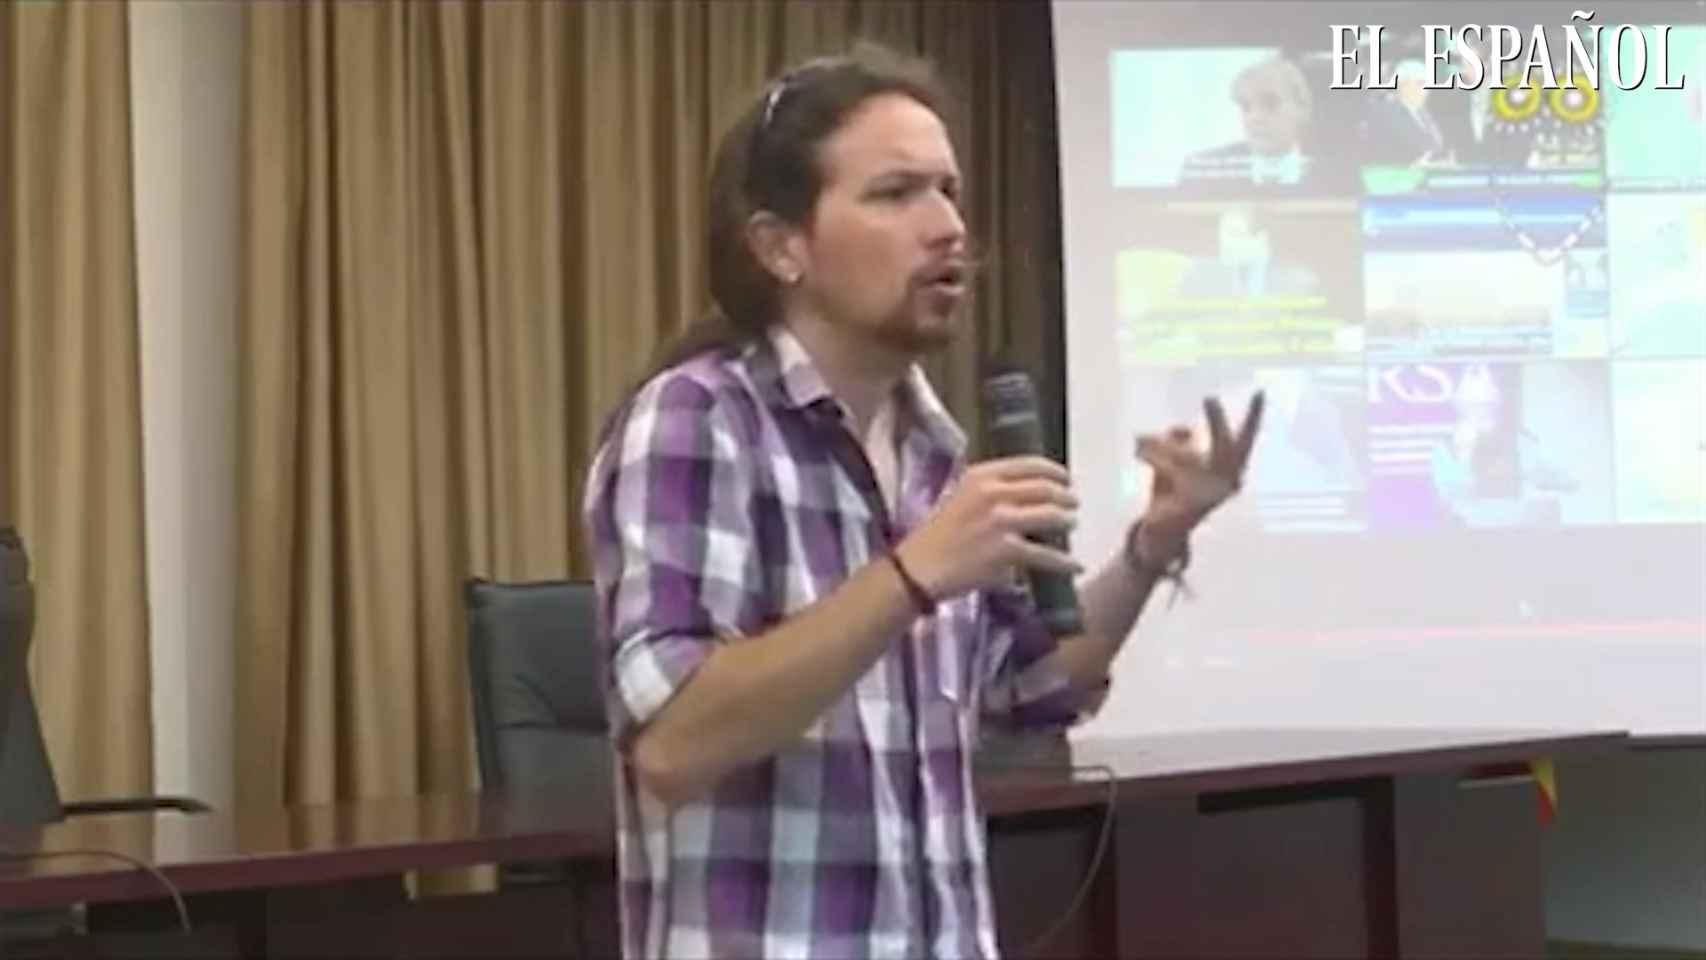 Pablo Iglesias en un curso universitario de verano en 2012 en Valencia